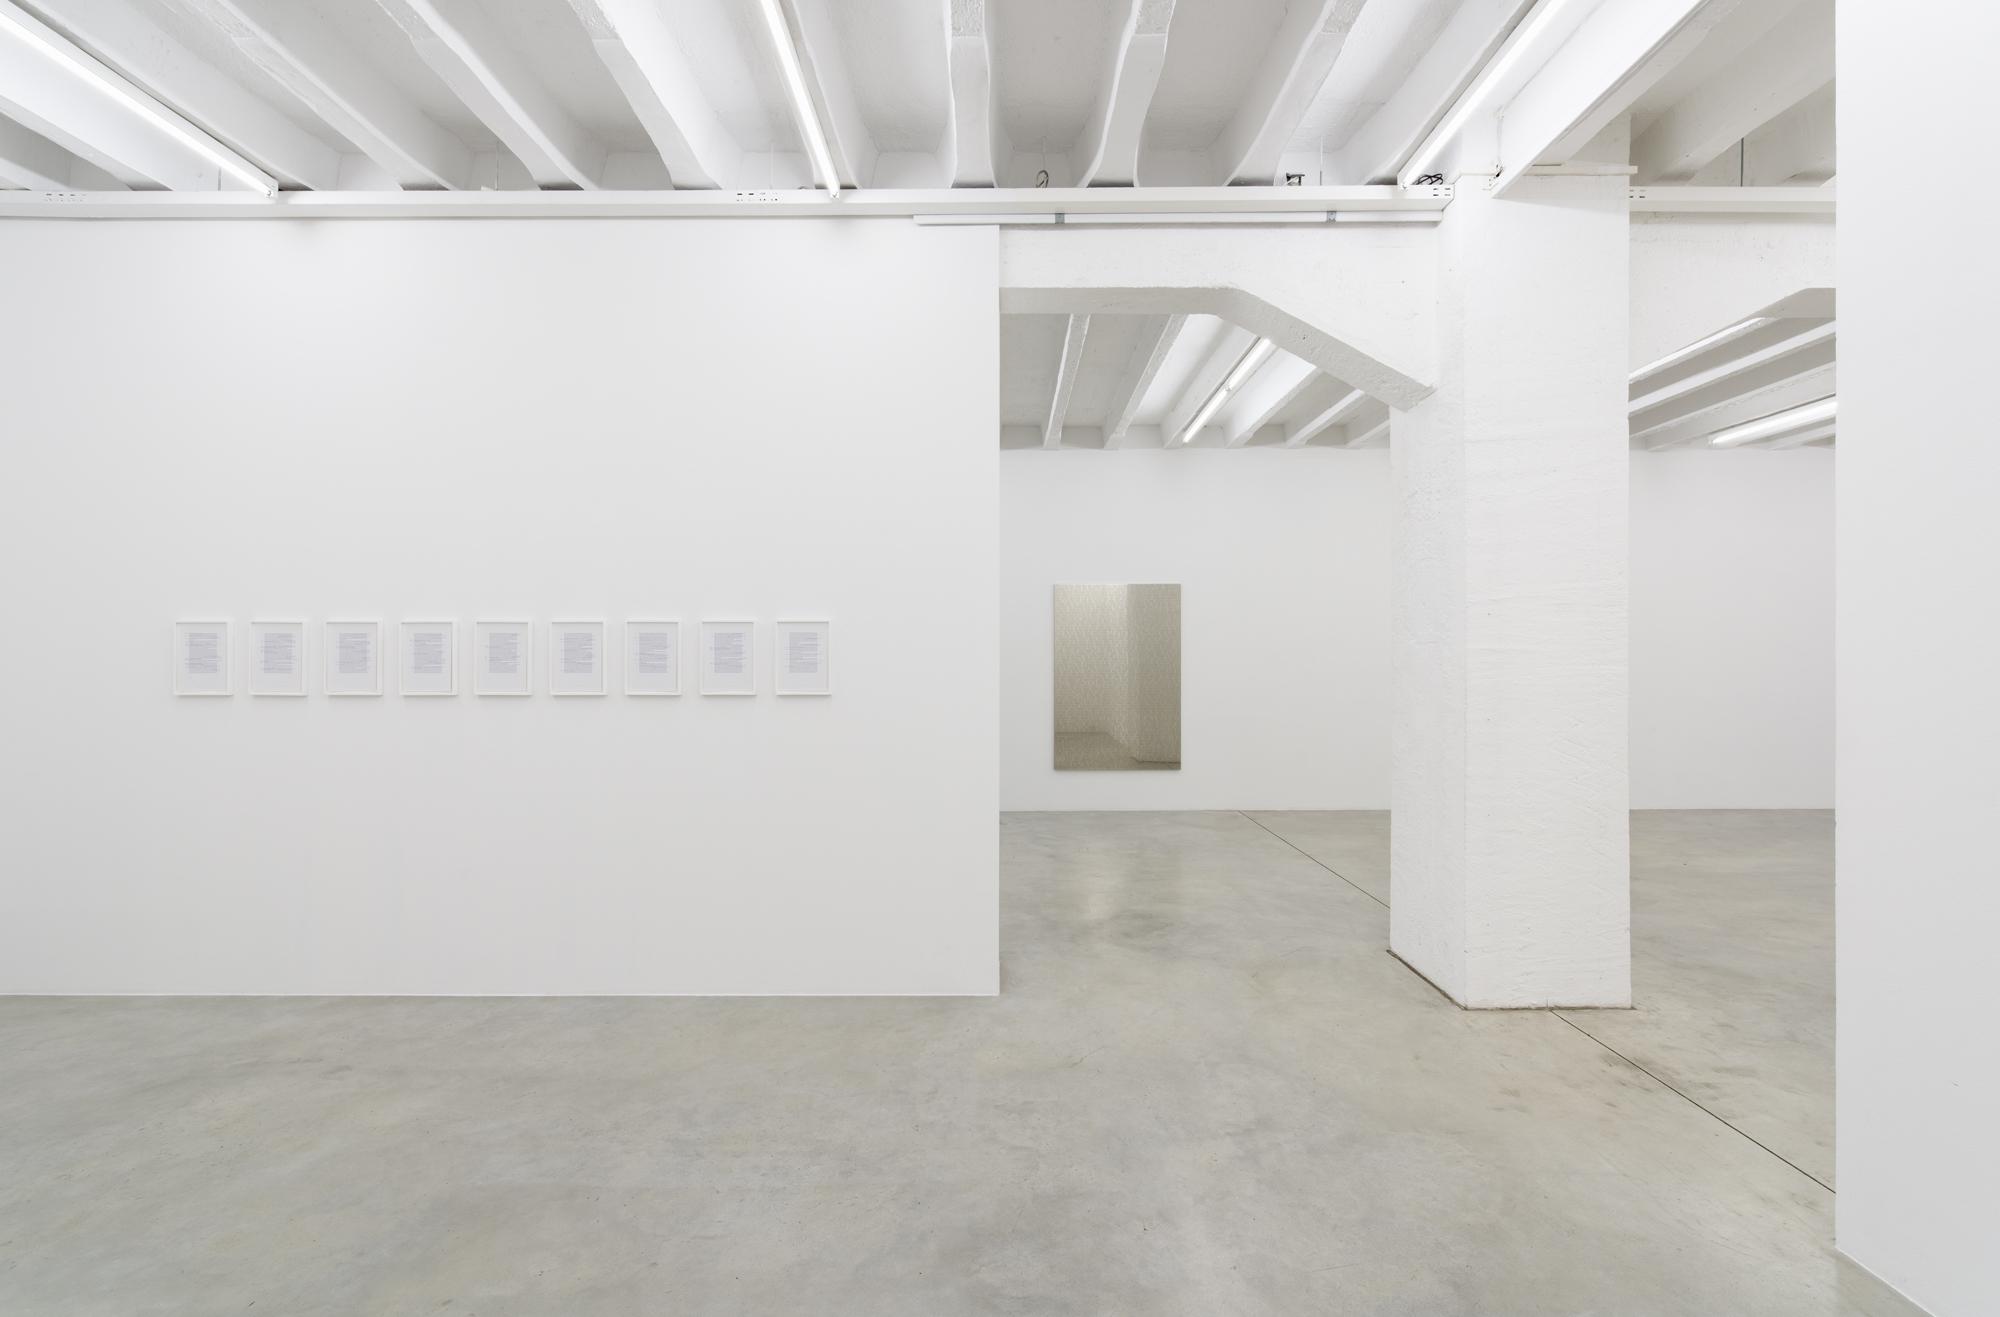 Exhibition view at Galerija Gregor Podnar, Berlin, 2017. Photo: Marcus Schneider